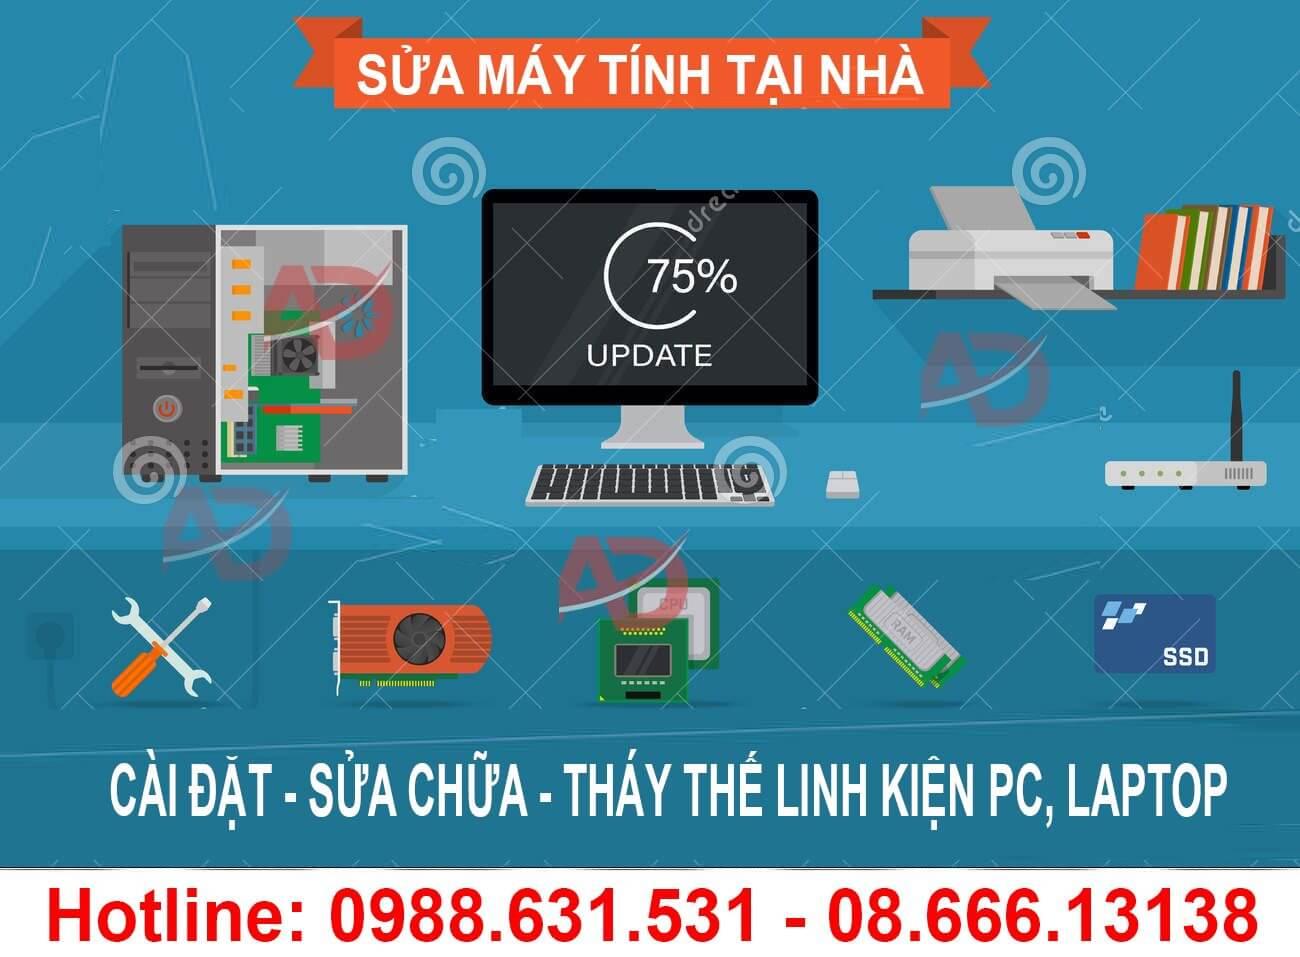 Sửa máy tính tại nhà Thanh Xuân Trung